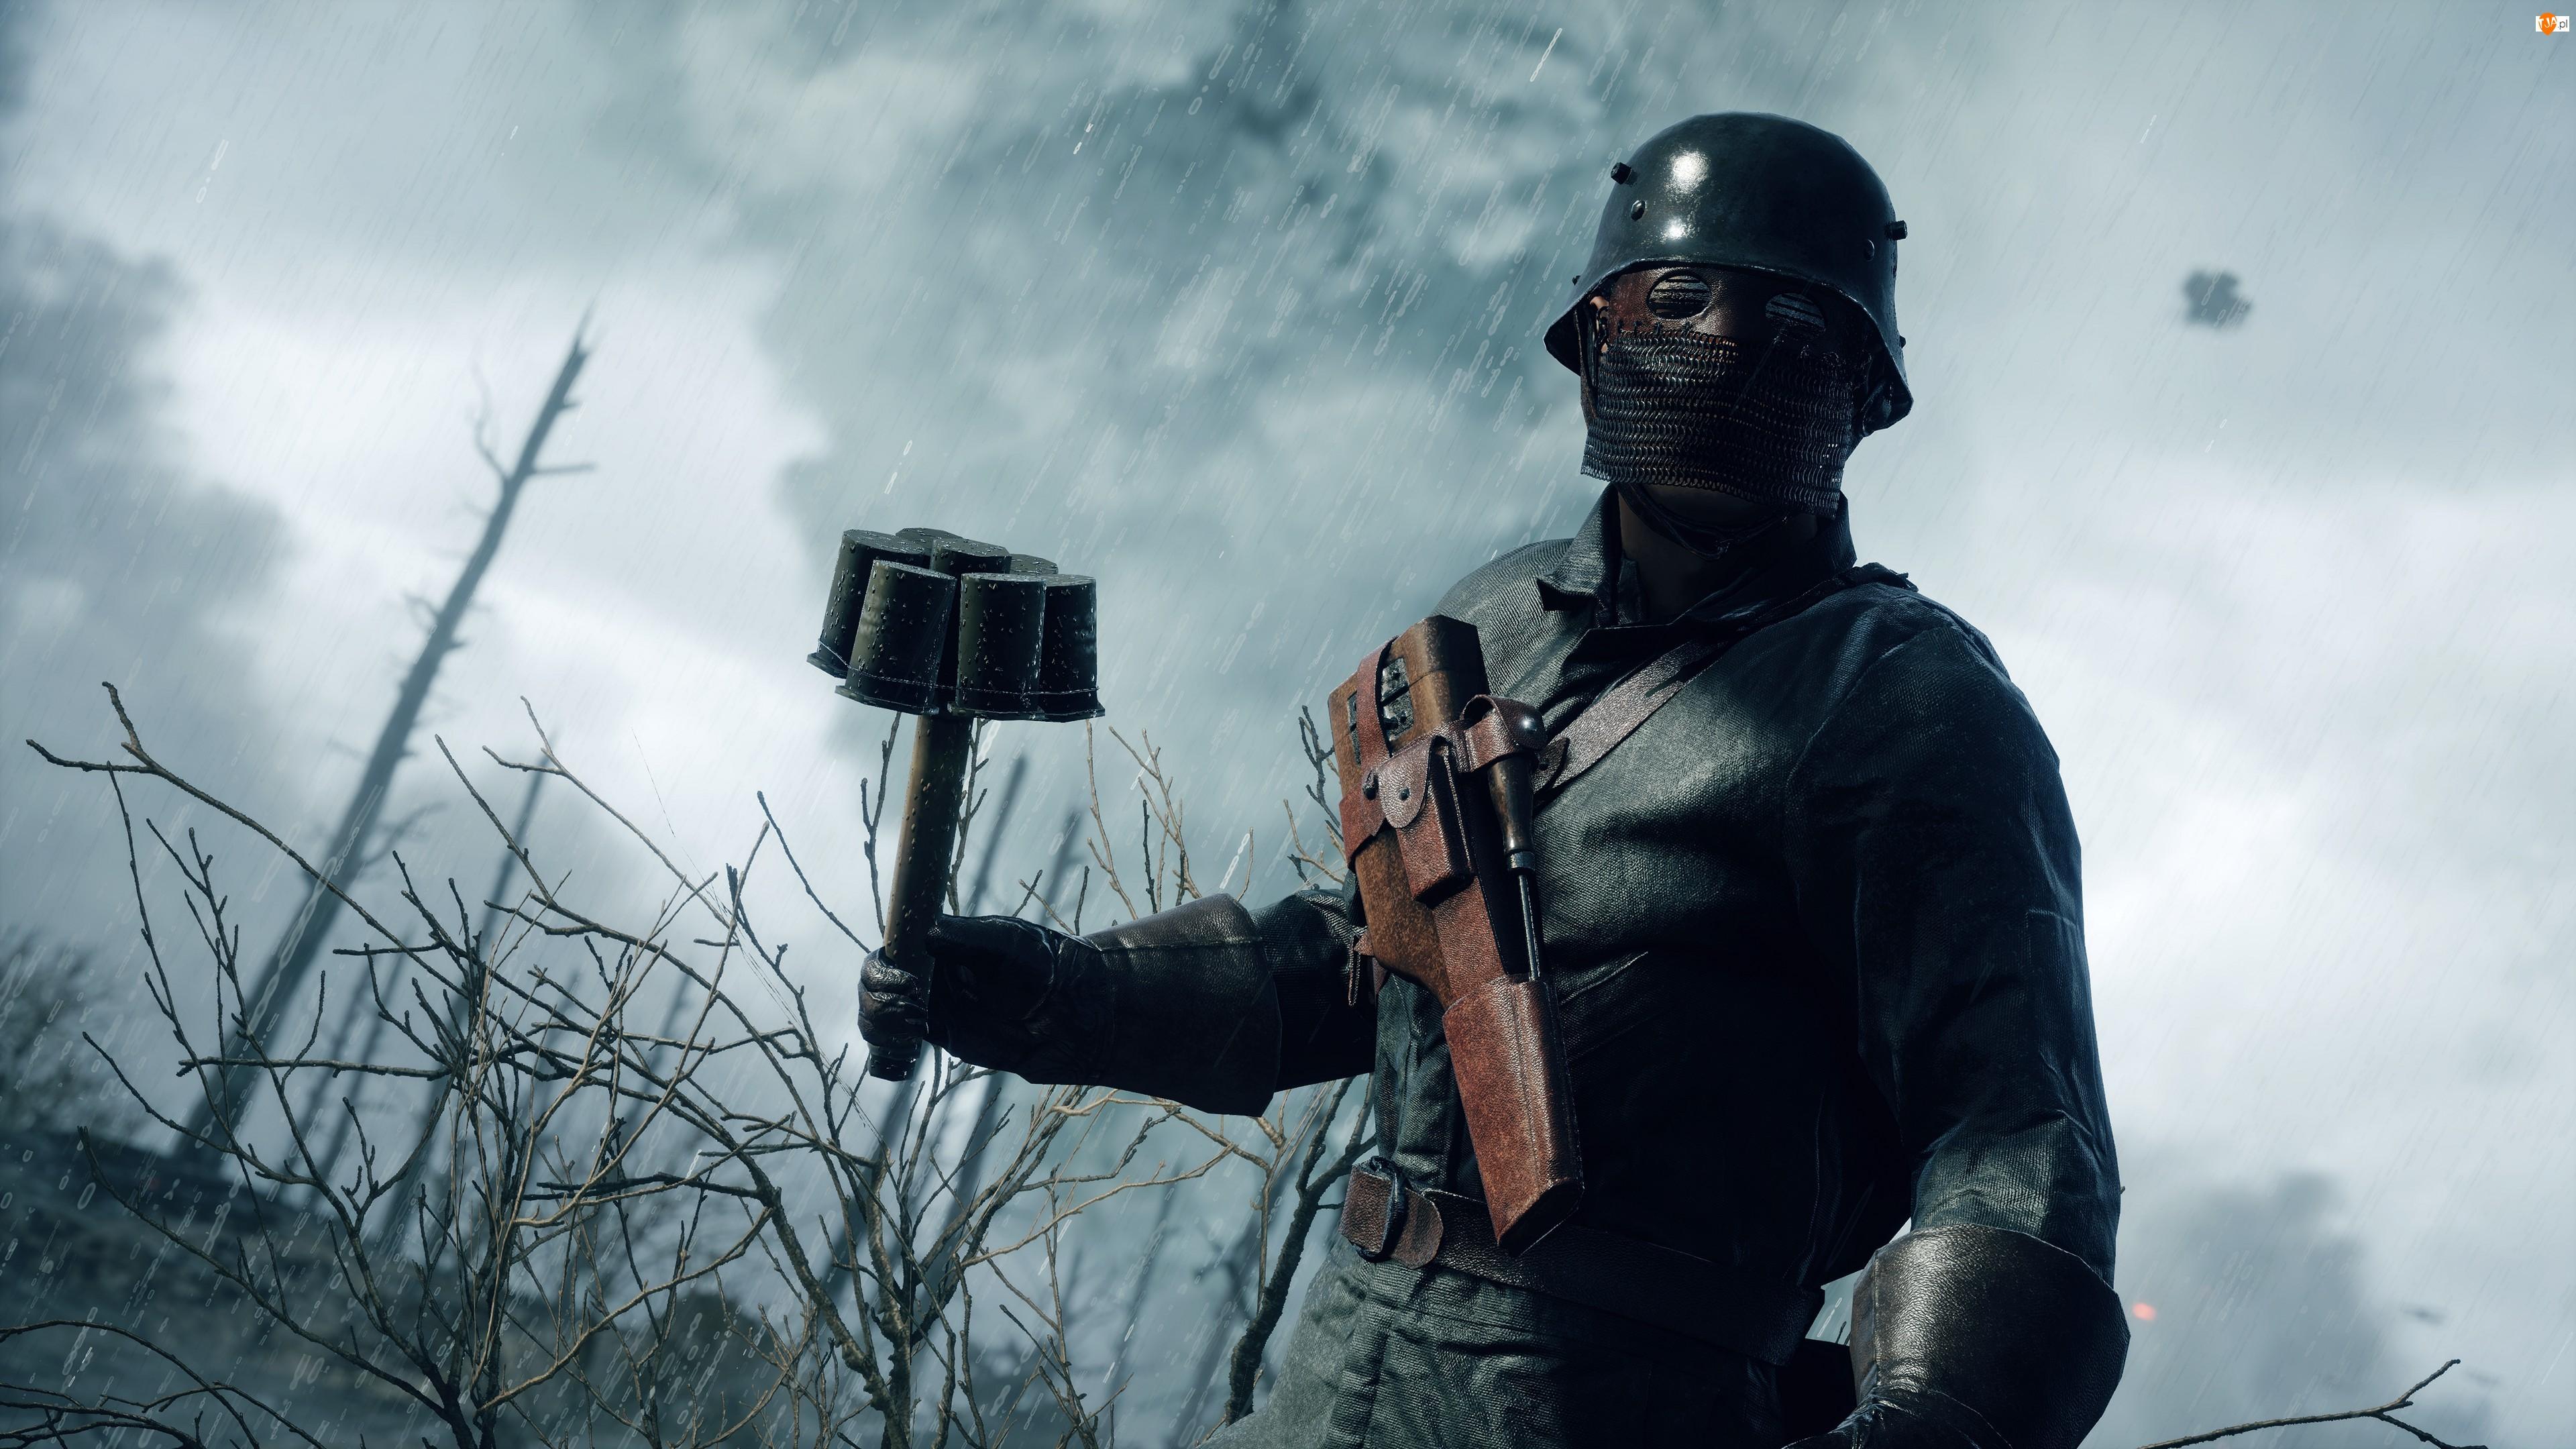 Battlefield 1, Granaty, Żołnierz, Broń